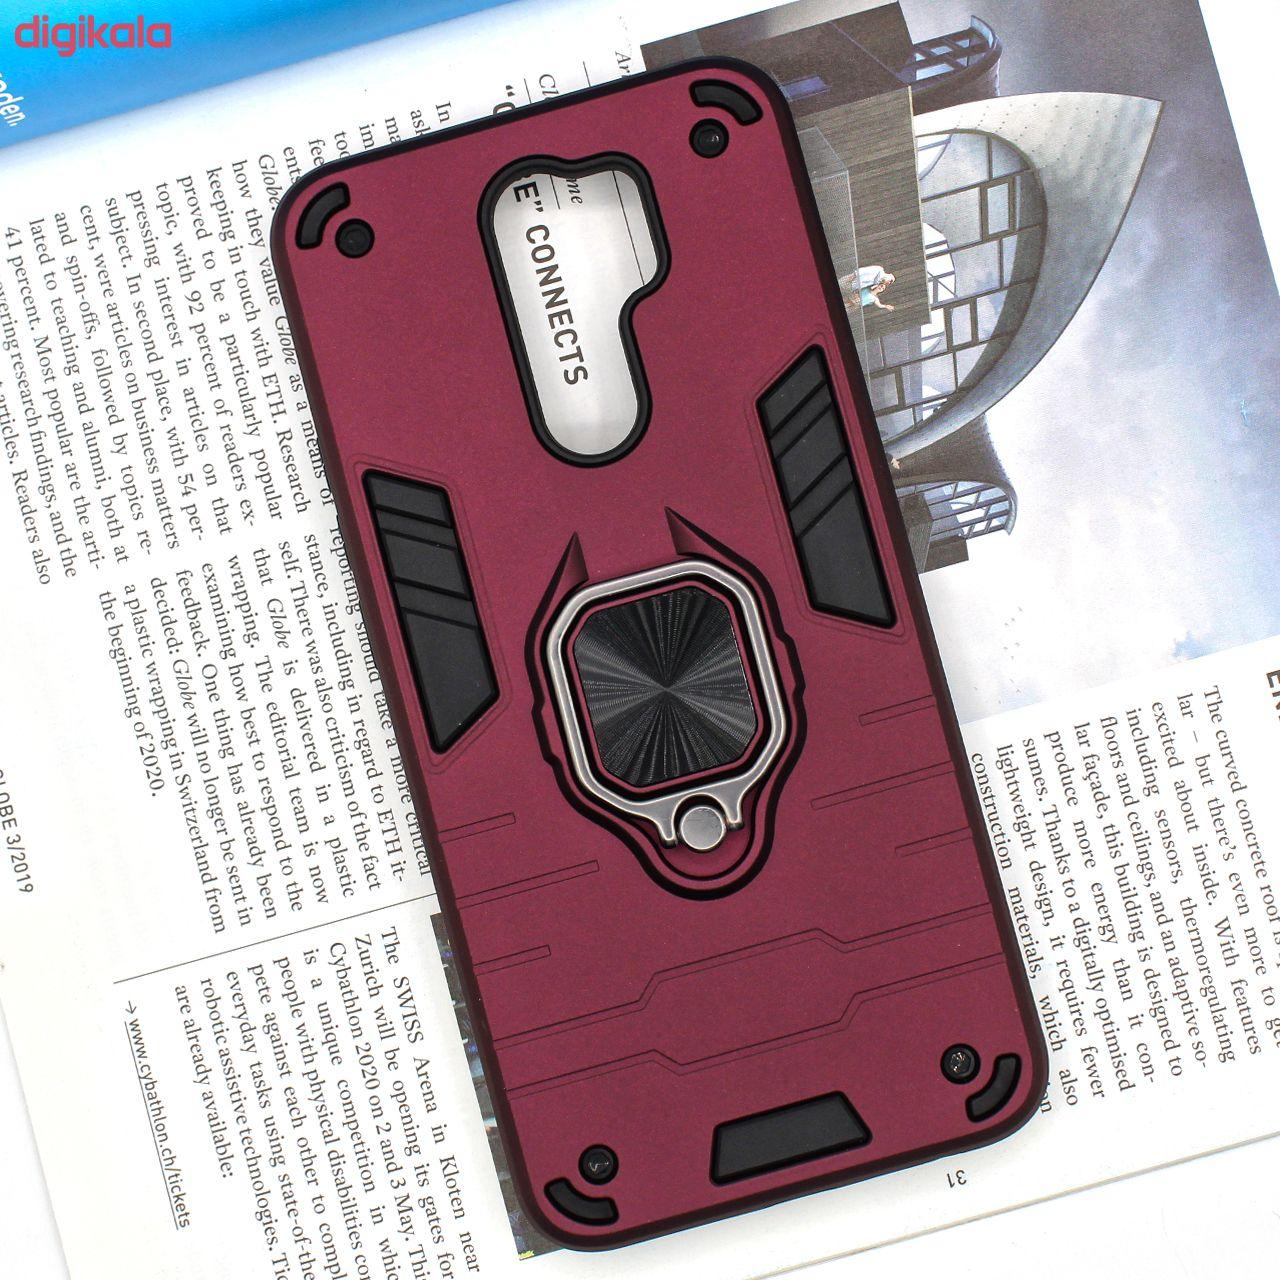 کاور کینگ پاور مدل ASH22 مناسب برای گوشی موبایل شیائومی Redmi 9 / Redmi 9 Prime main 1 14